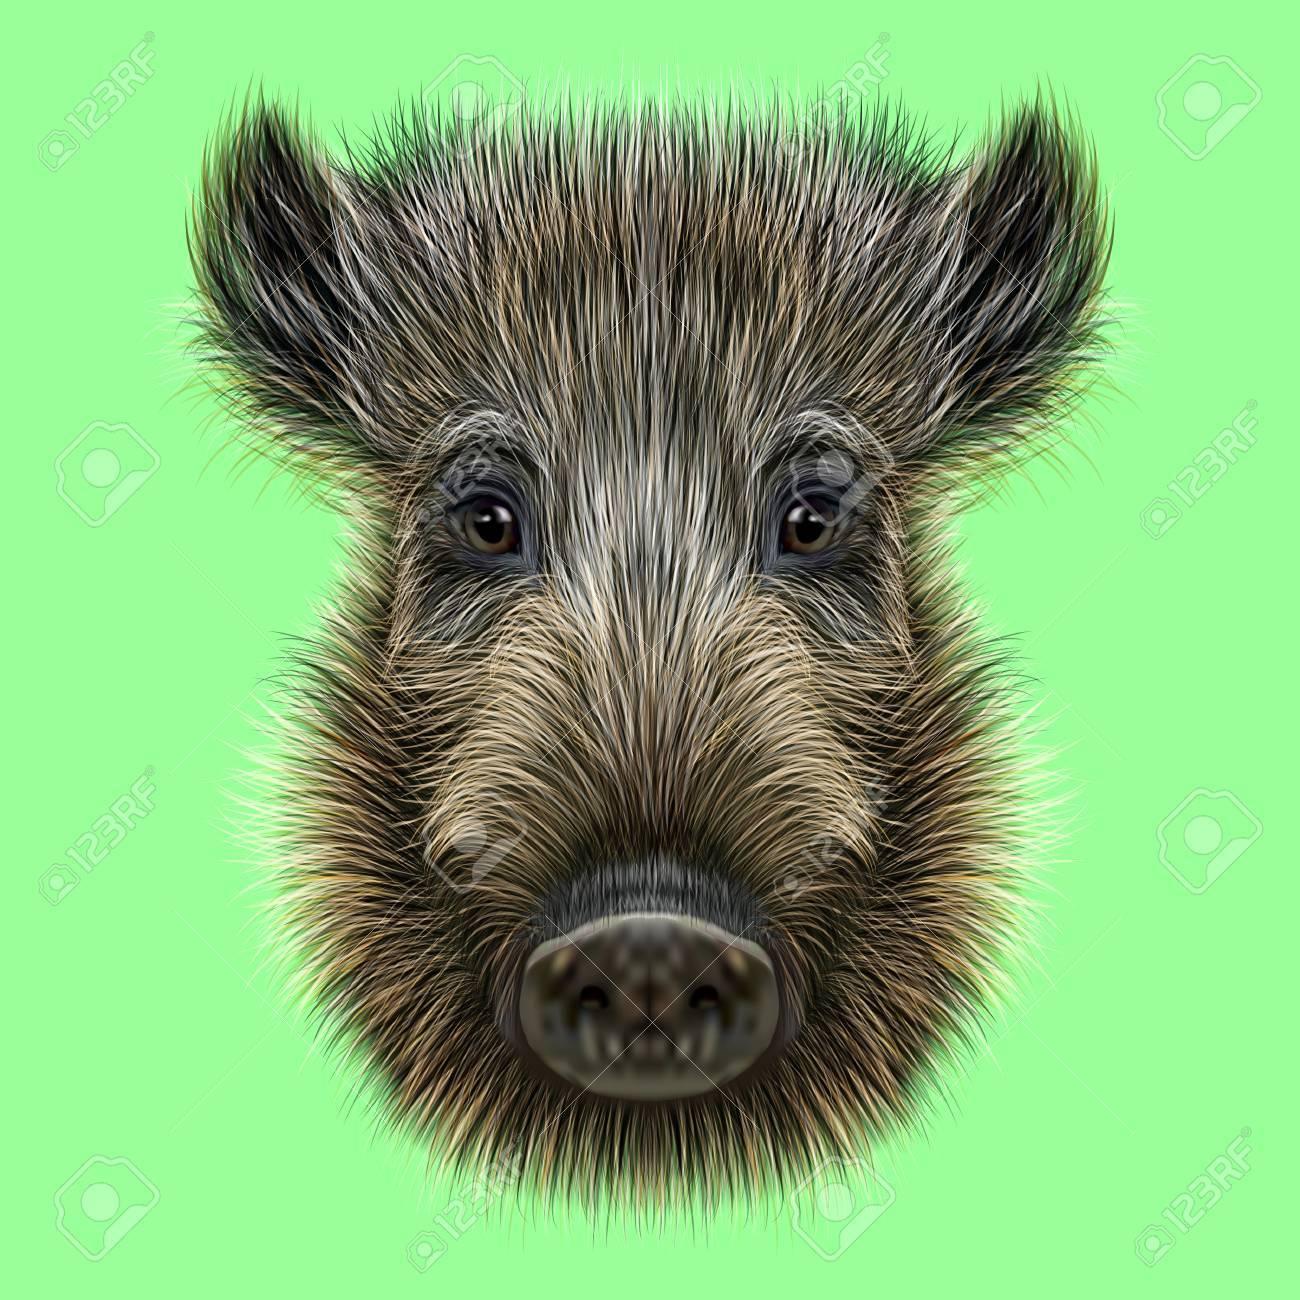 Ilustrada De Jabalí. Formidable Cara De Cerdo Salvaje En El Fondo ...